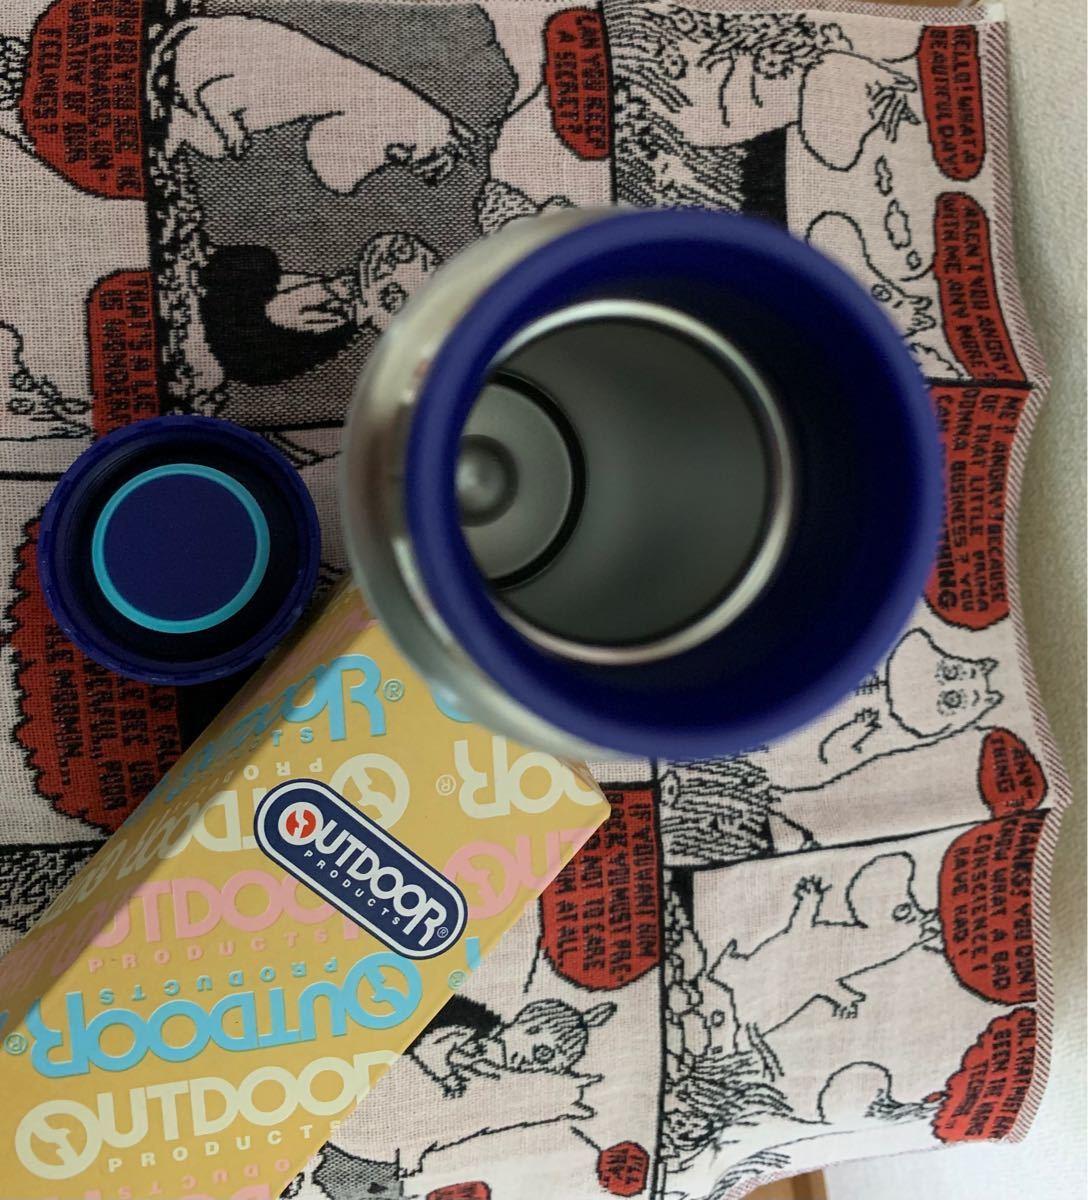 ネコ柄とお花柄 OUTDOOR PRODUCTS ステンレスボトル マグボトル 水筒  マイボトル